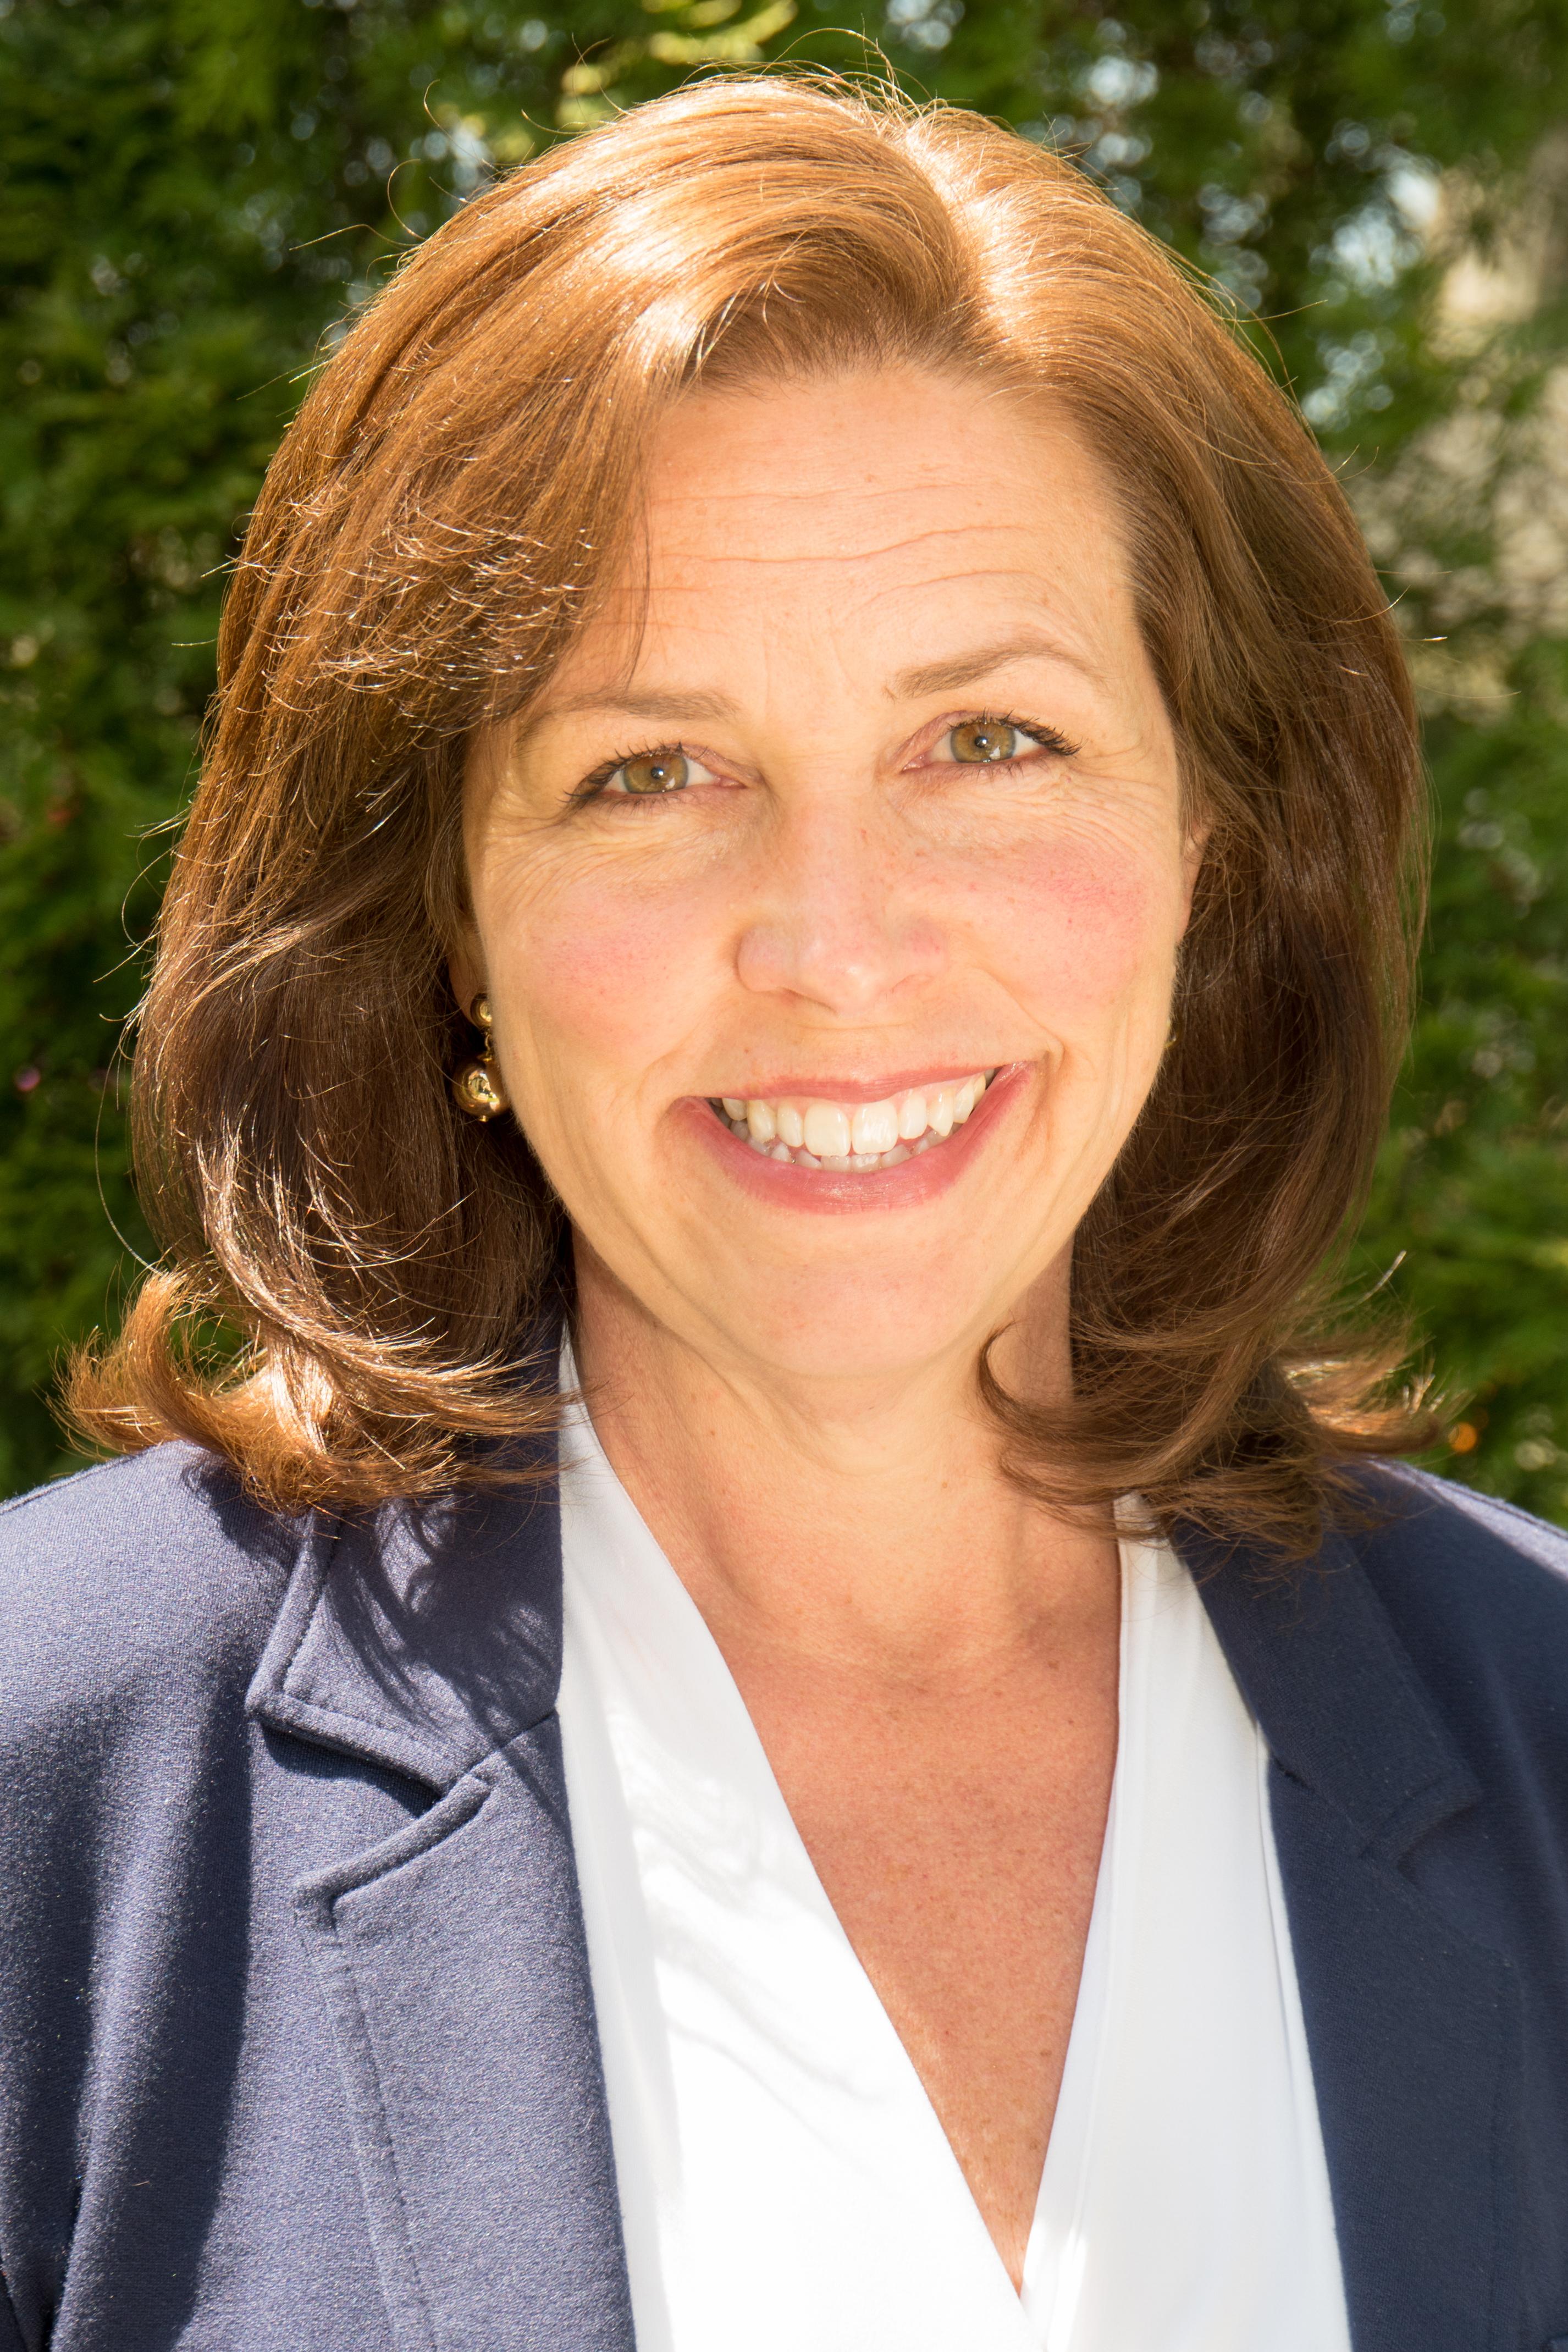 Linda Tapp